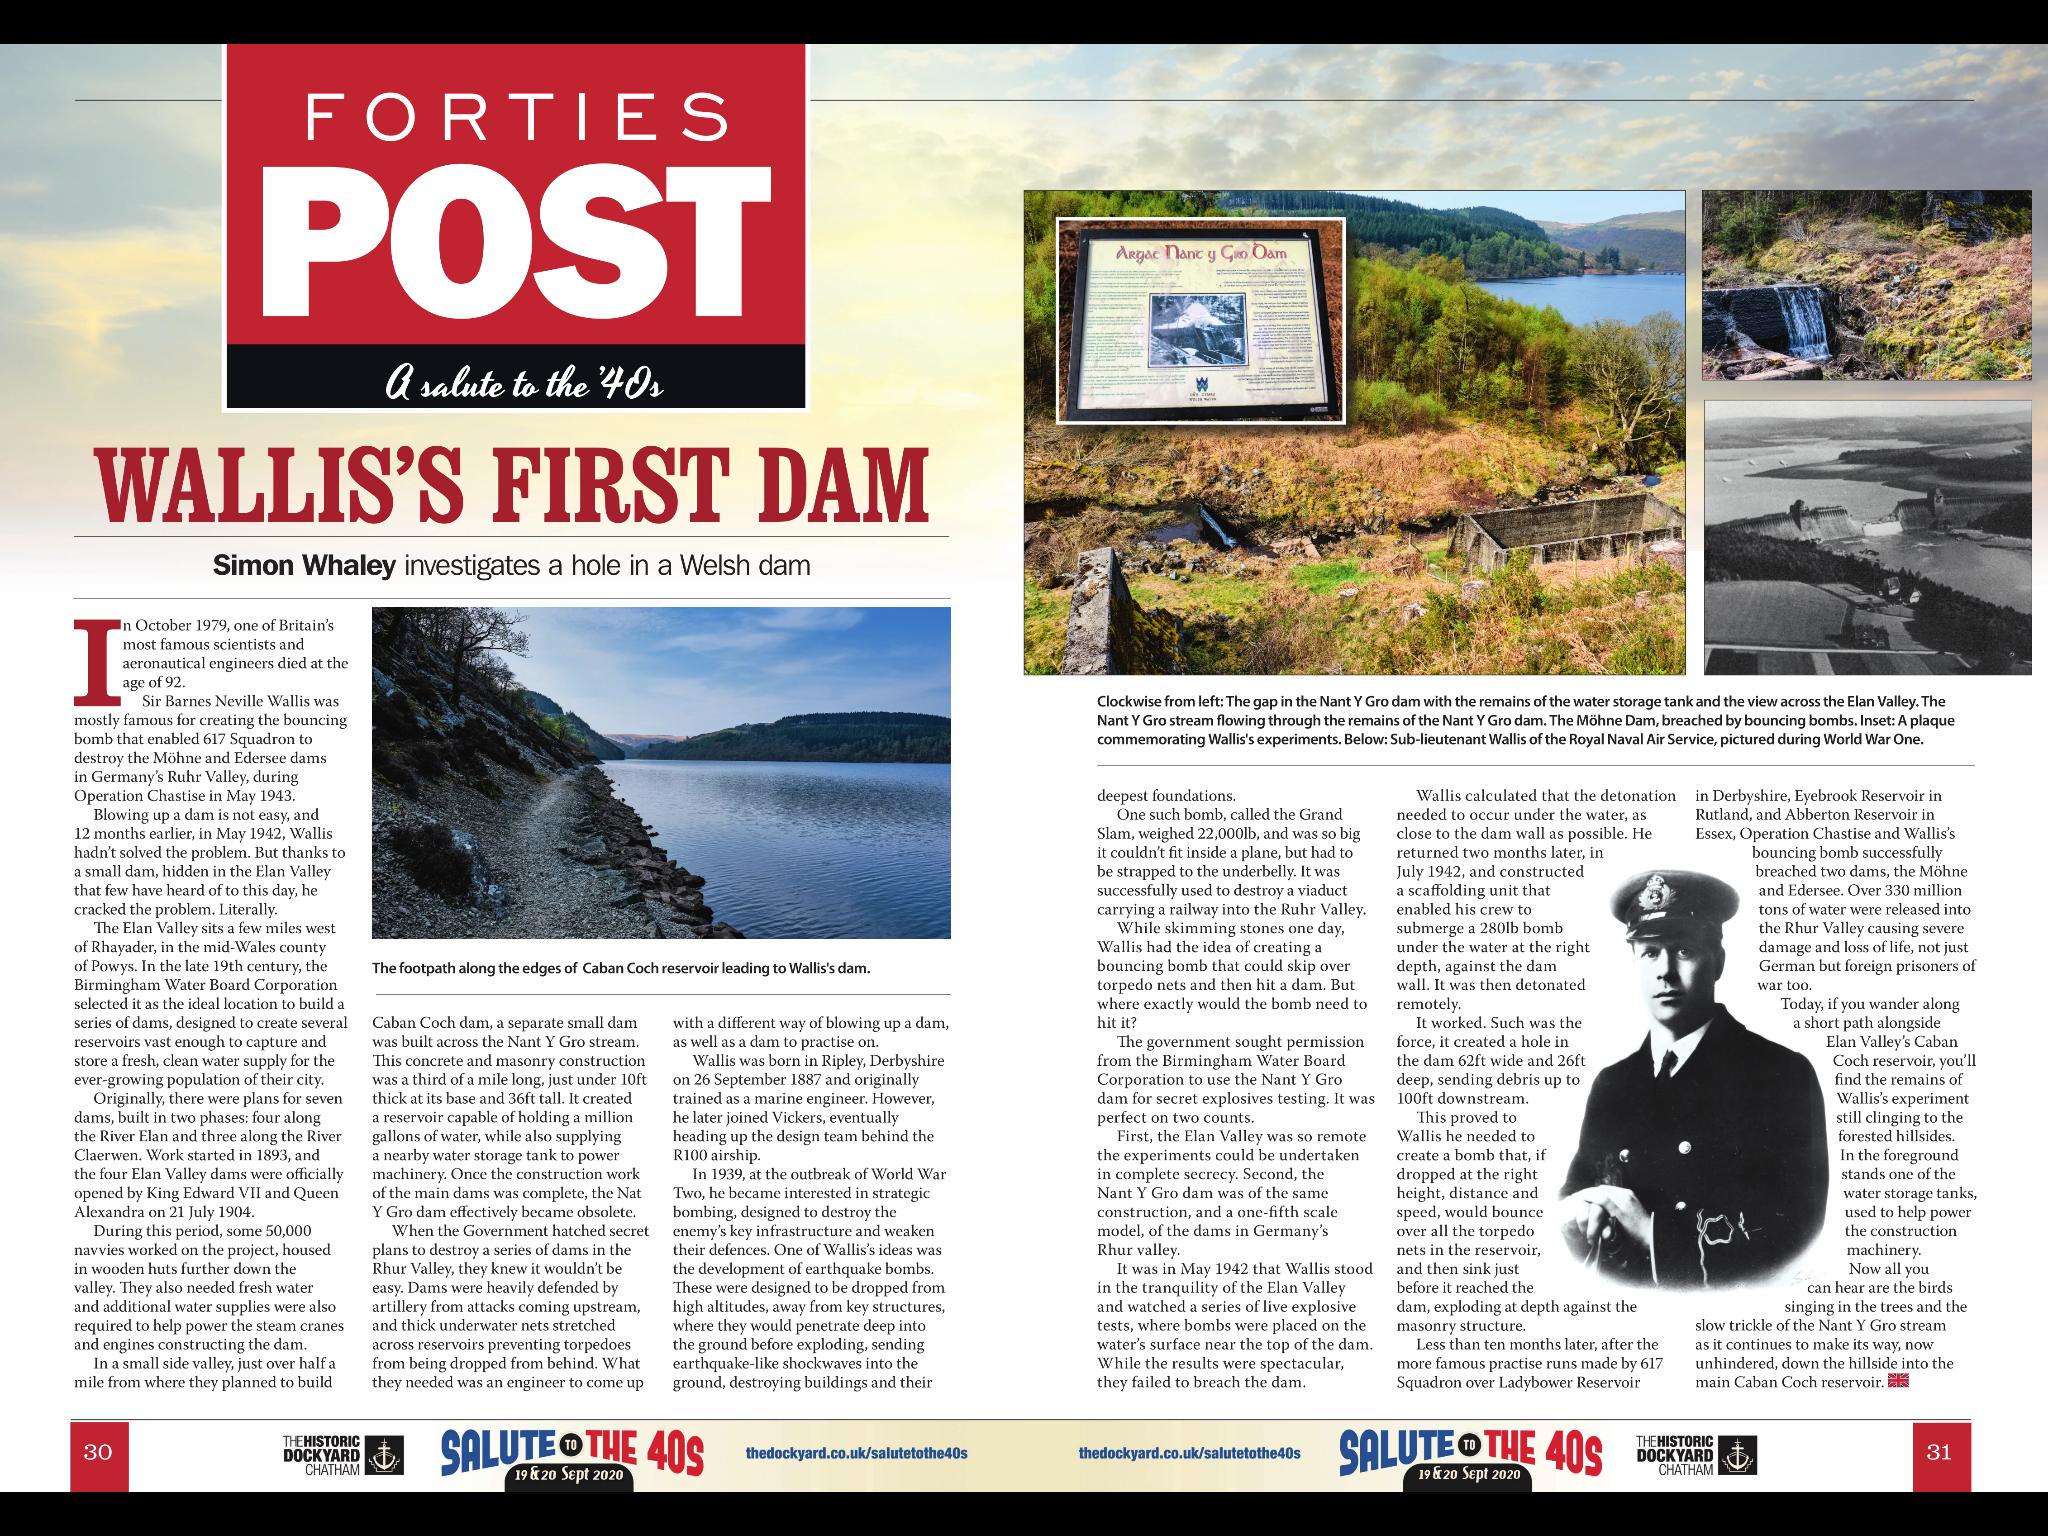 Wallis's First Dam